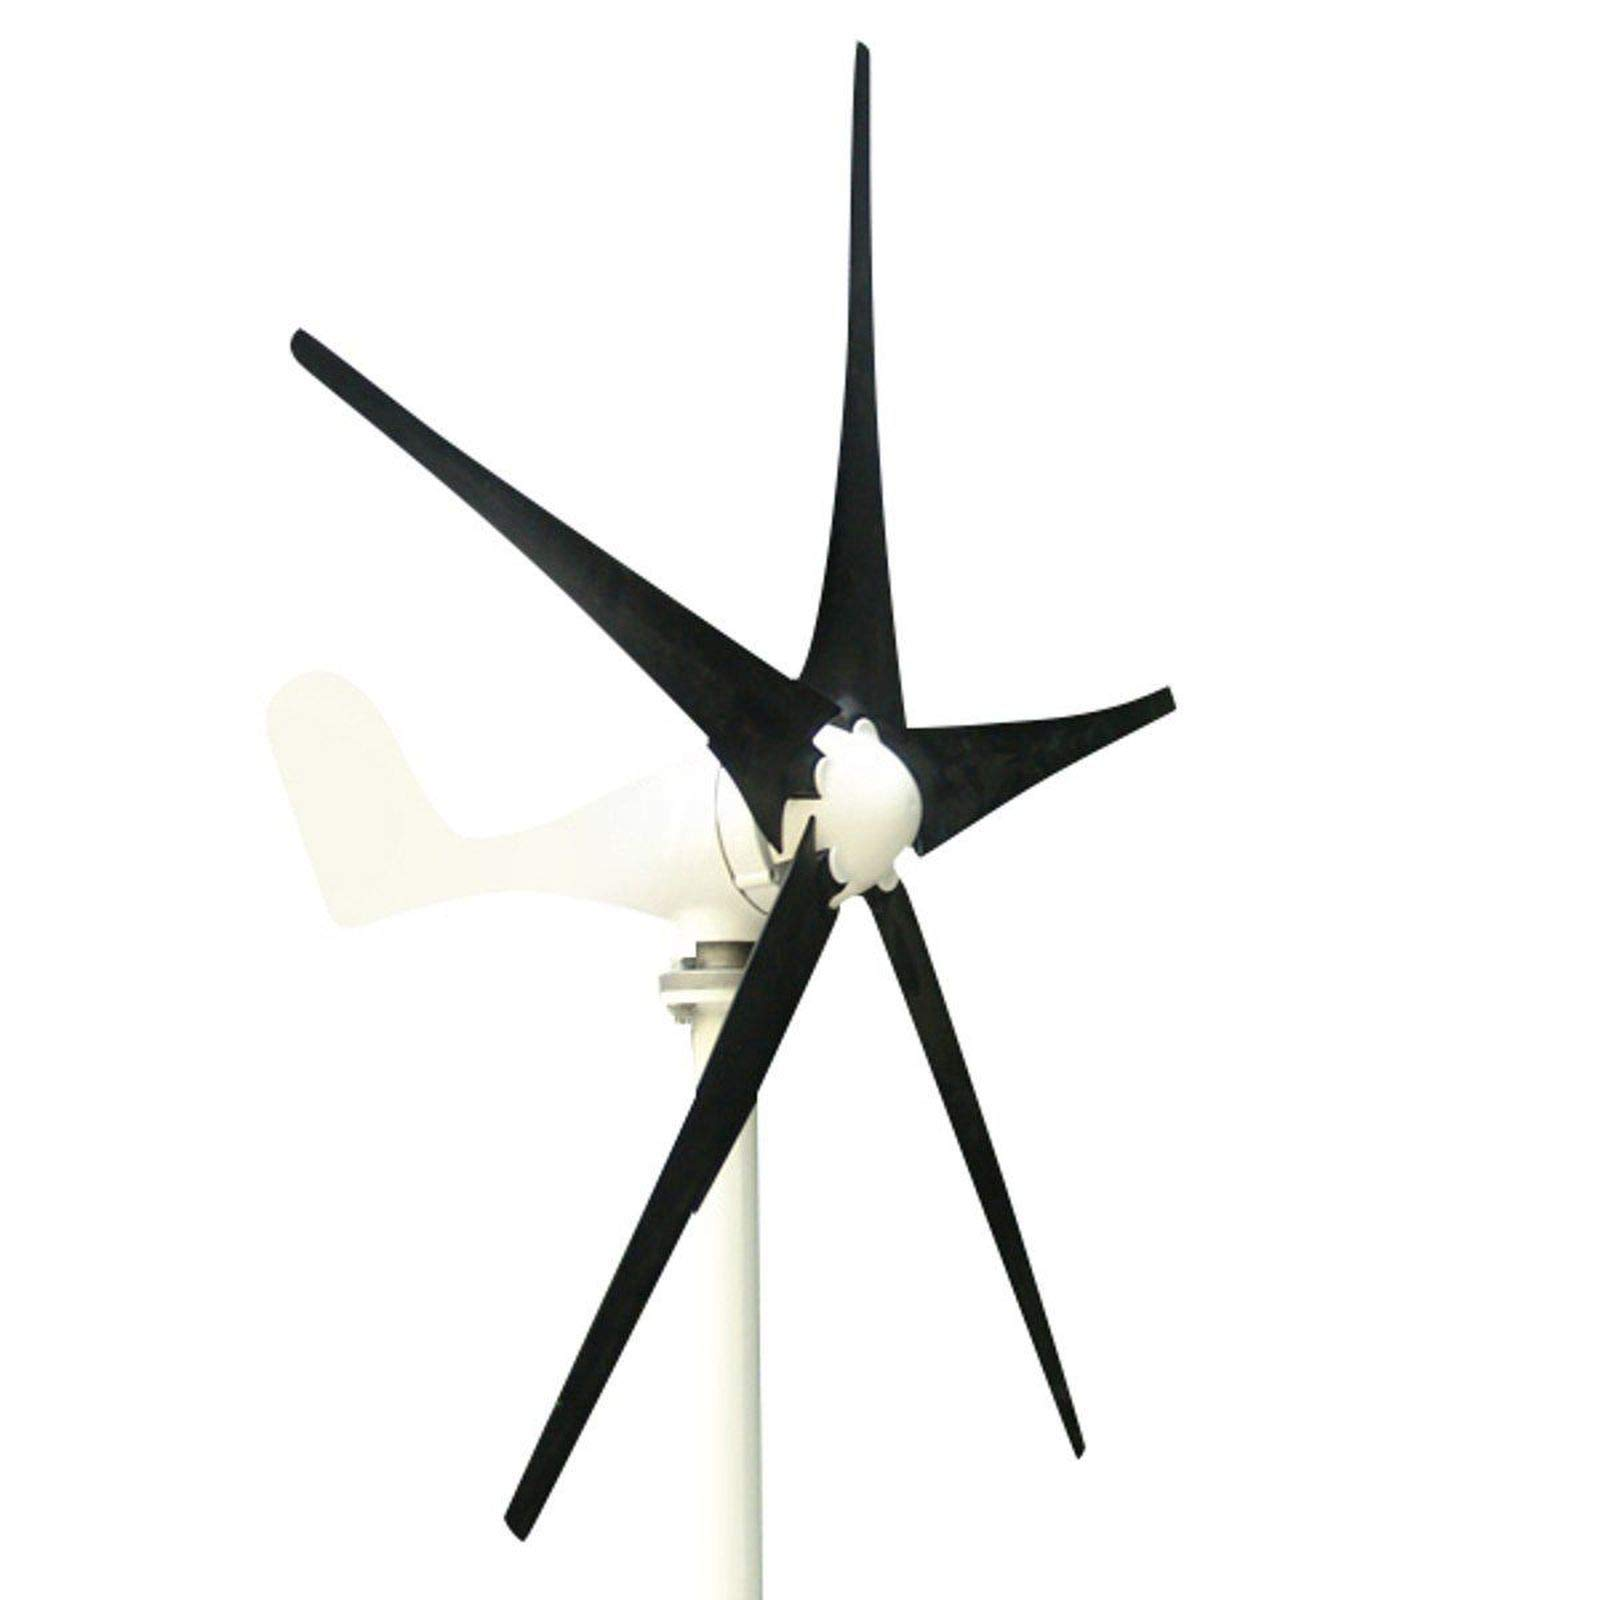 DC 12V 500W Power 5 Blades Horizontal Wind Turbine Generator Kit with Control (DC24V)